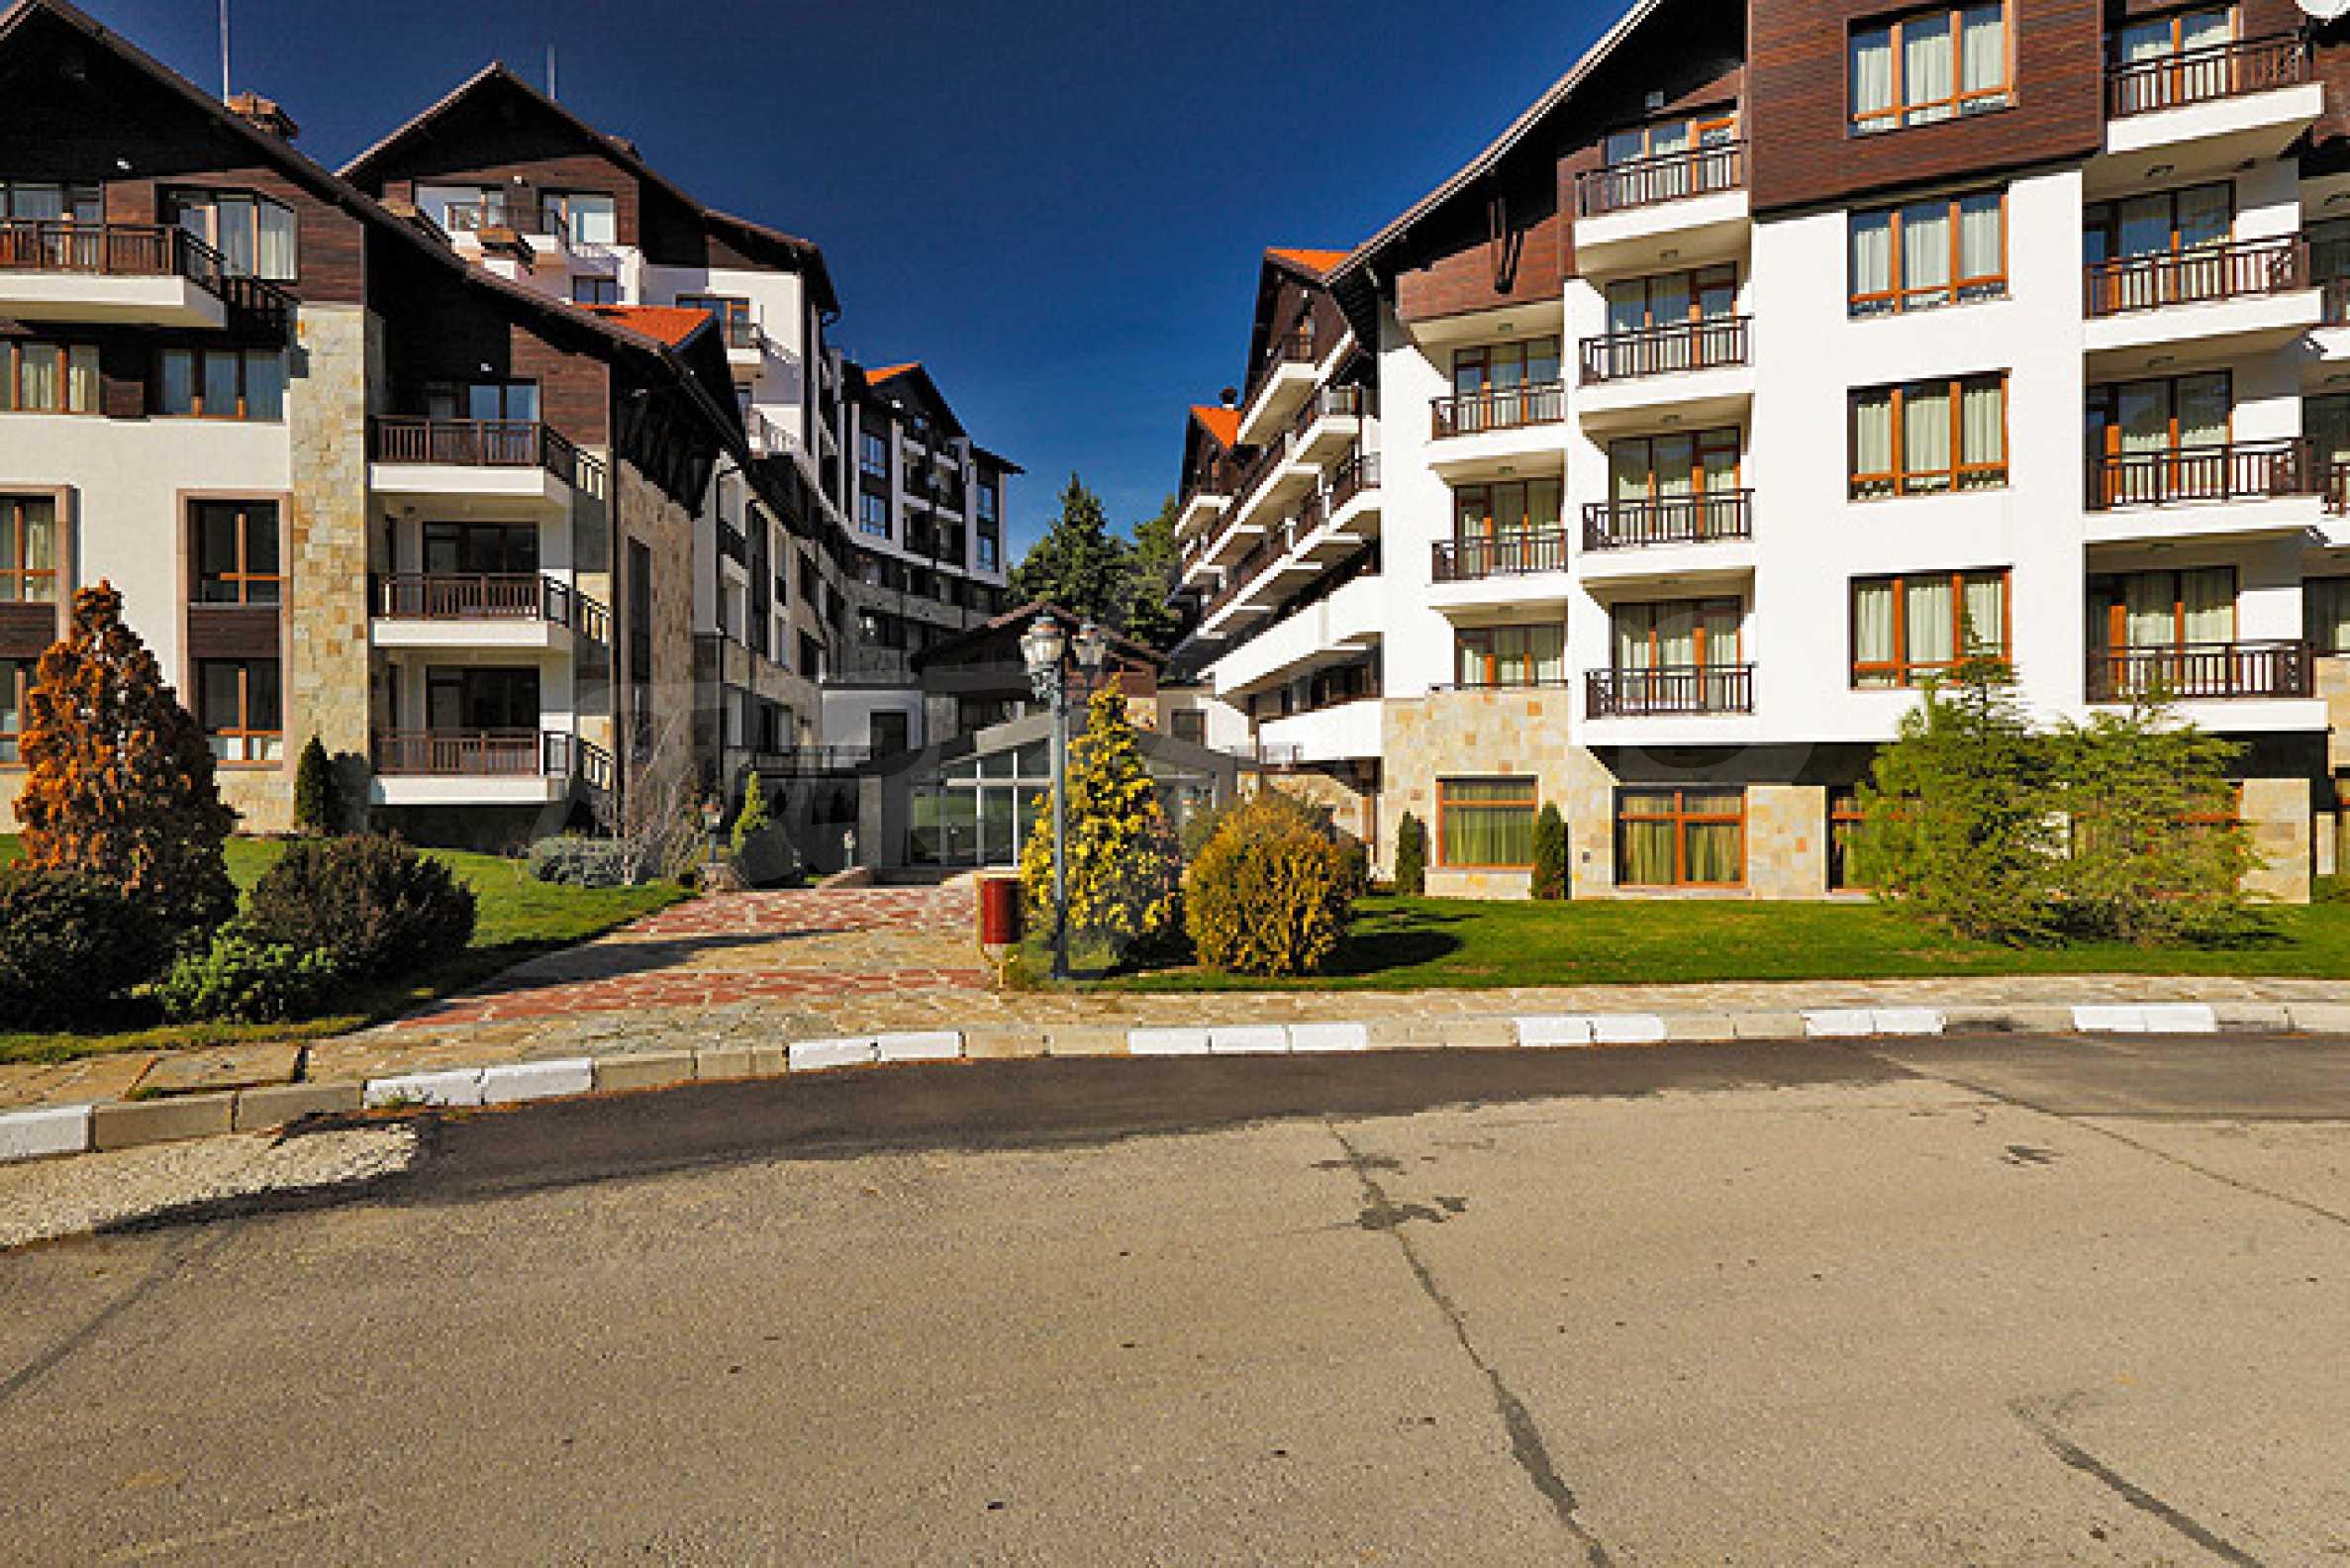 Erstklassige Wohnungen zum Verkauf Meter von der Yastrebets-Strecke in Borovets entfernt 3